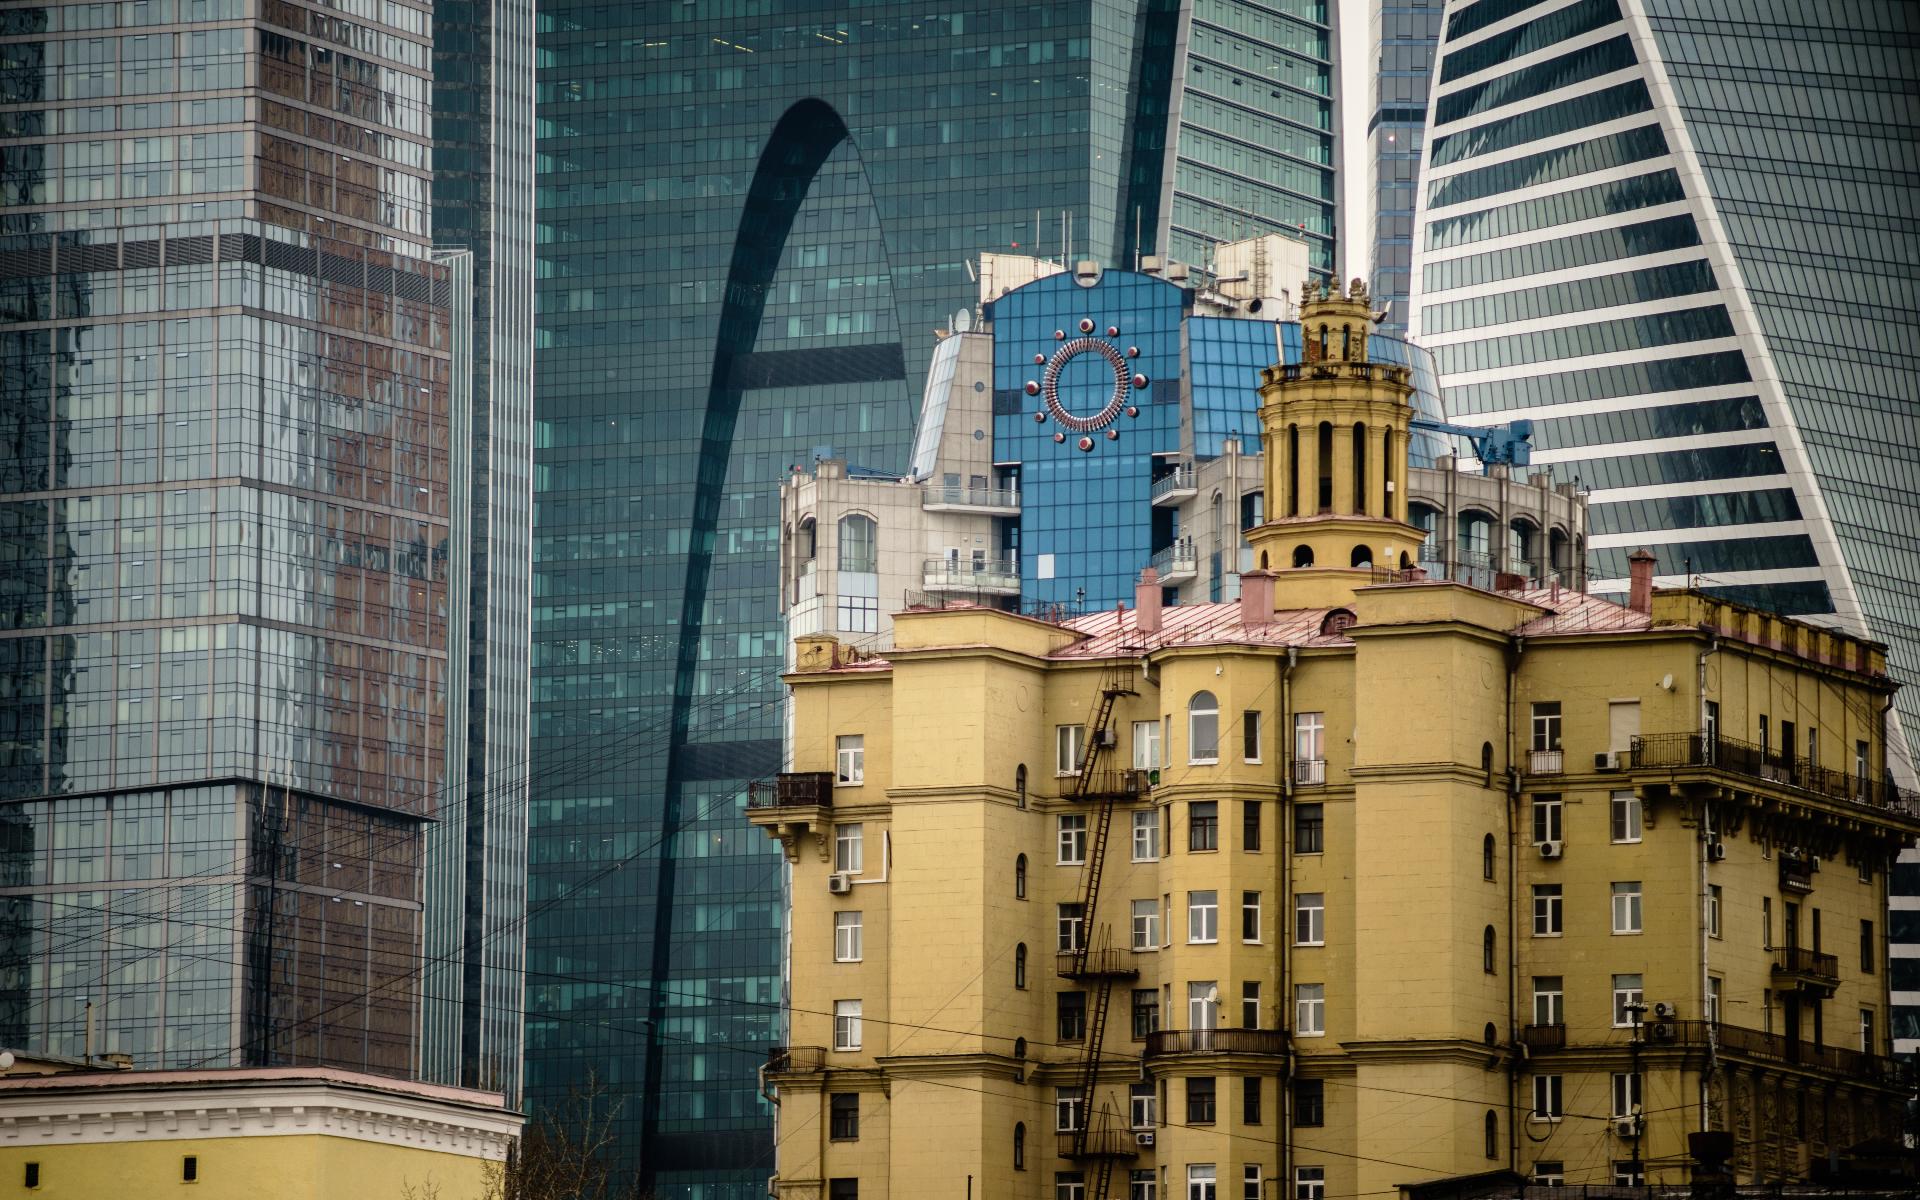 Фото: Олег Яковлев/RBC/TASS